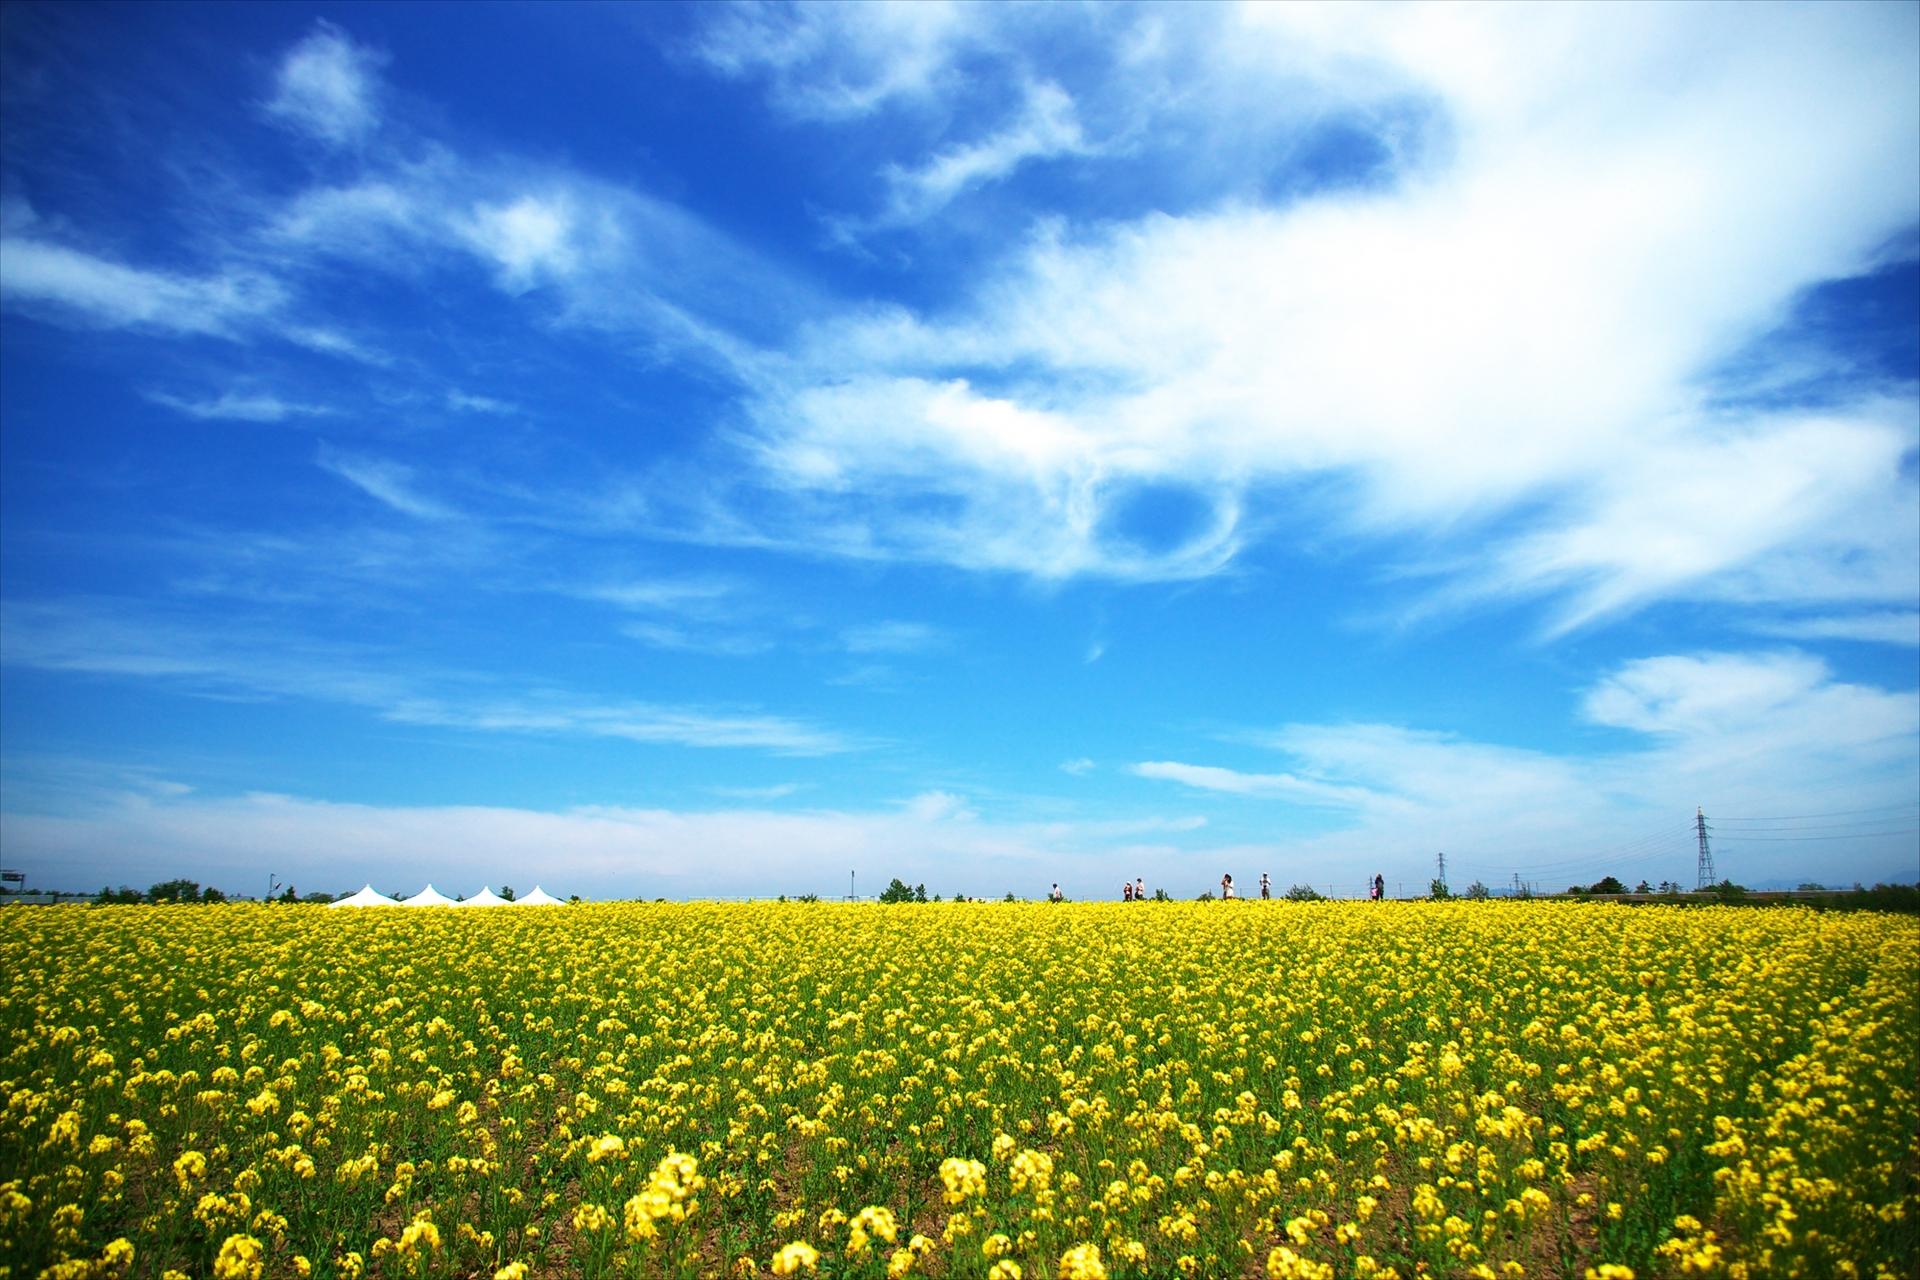 菜の花畑の名所や人気スポット、関東〜関西〜中部〜九州